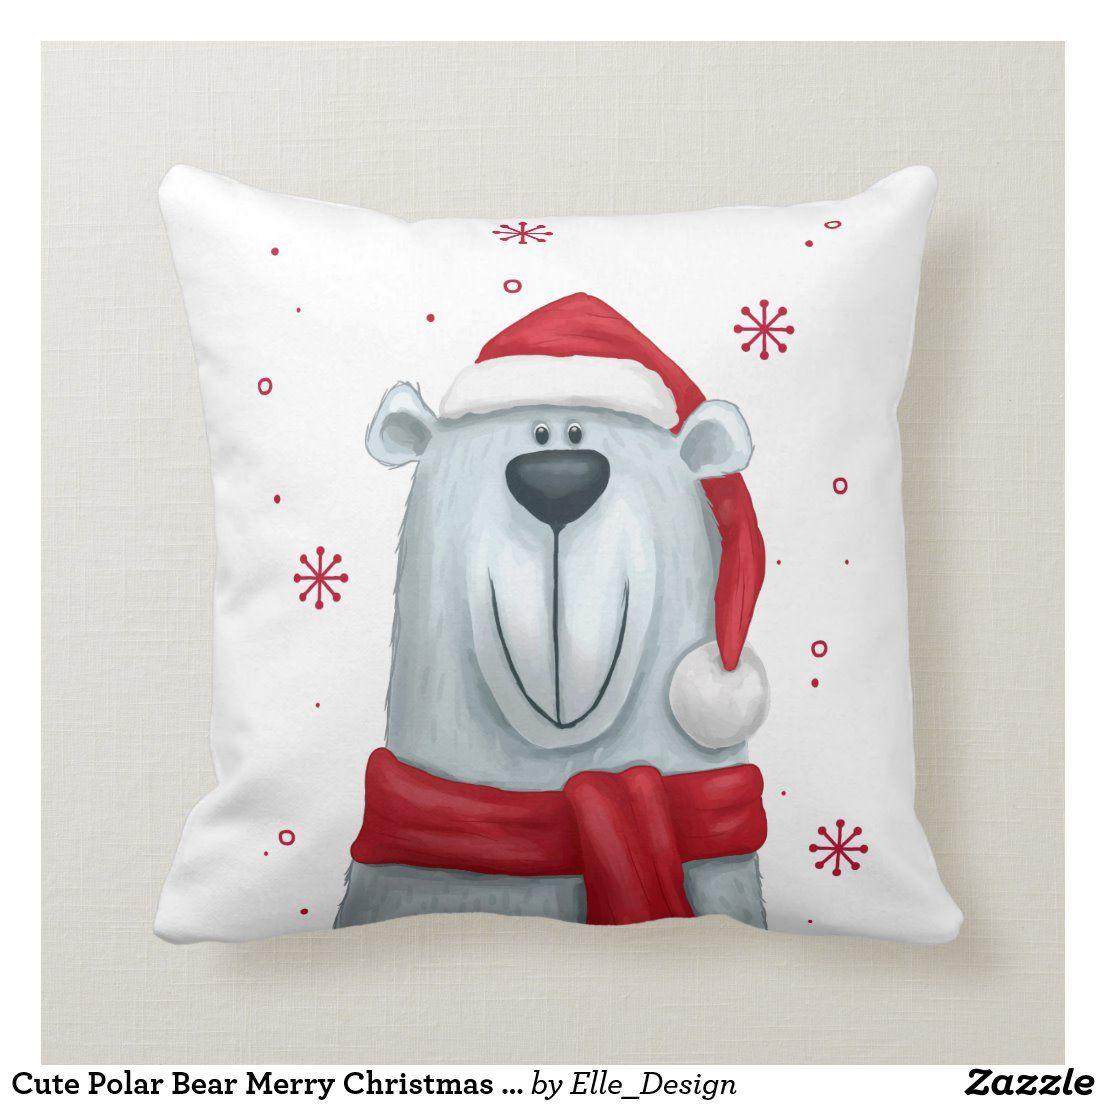 Cute polar bear merry christmas decorative throw pillow